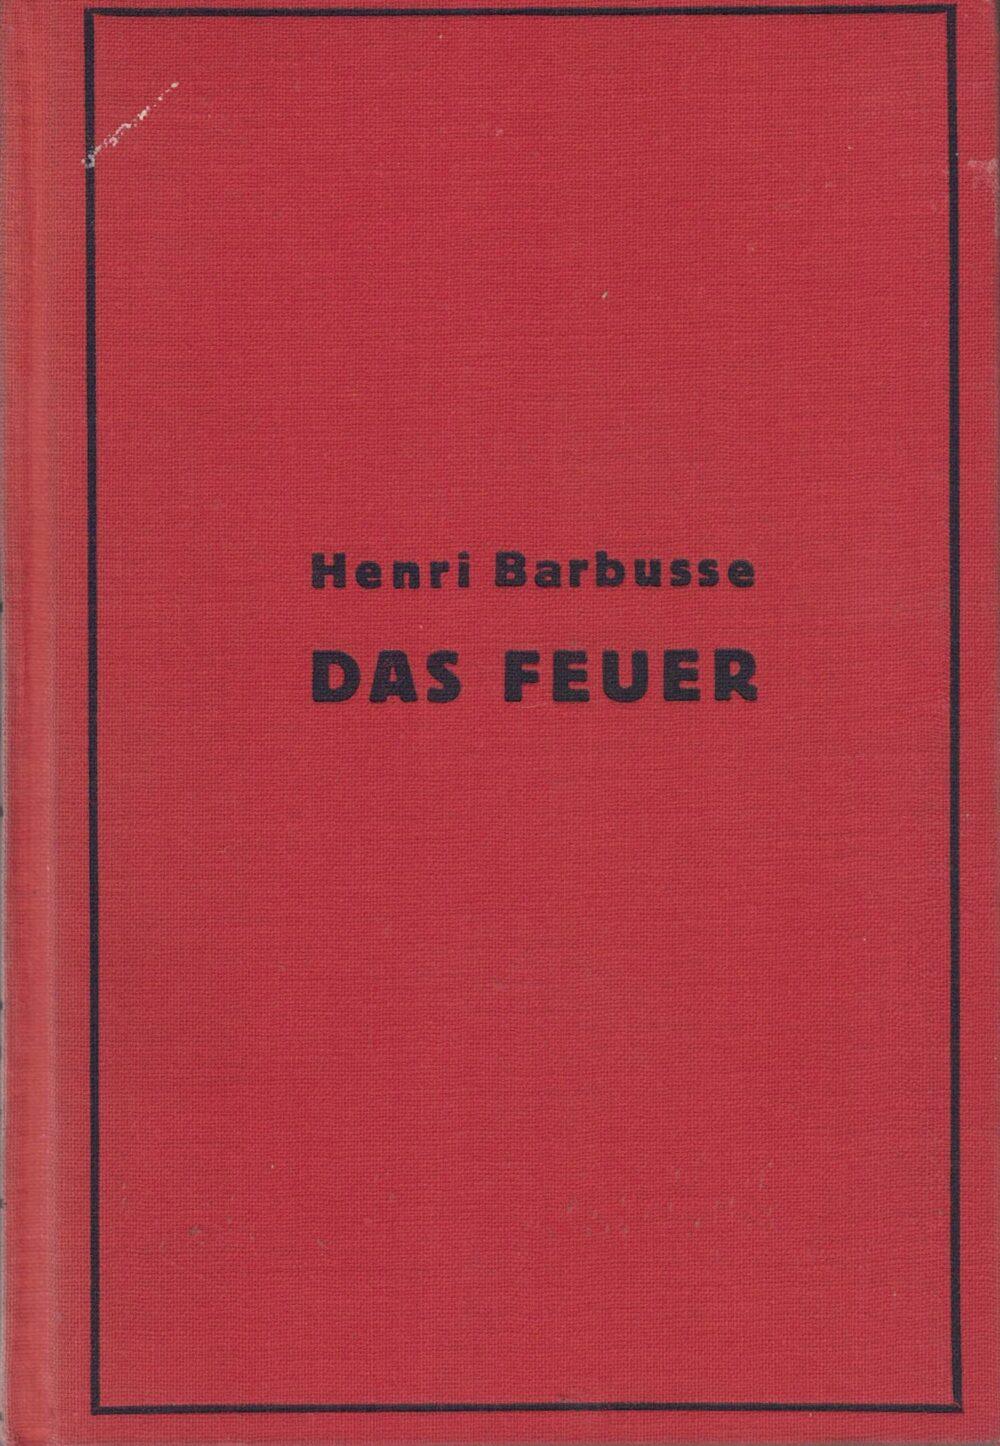 Henri Barbusse, Das Feuer - Tagebuch einer Korporalschaft